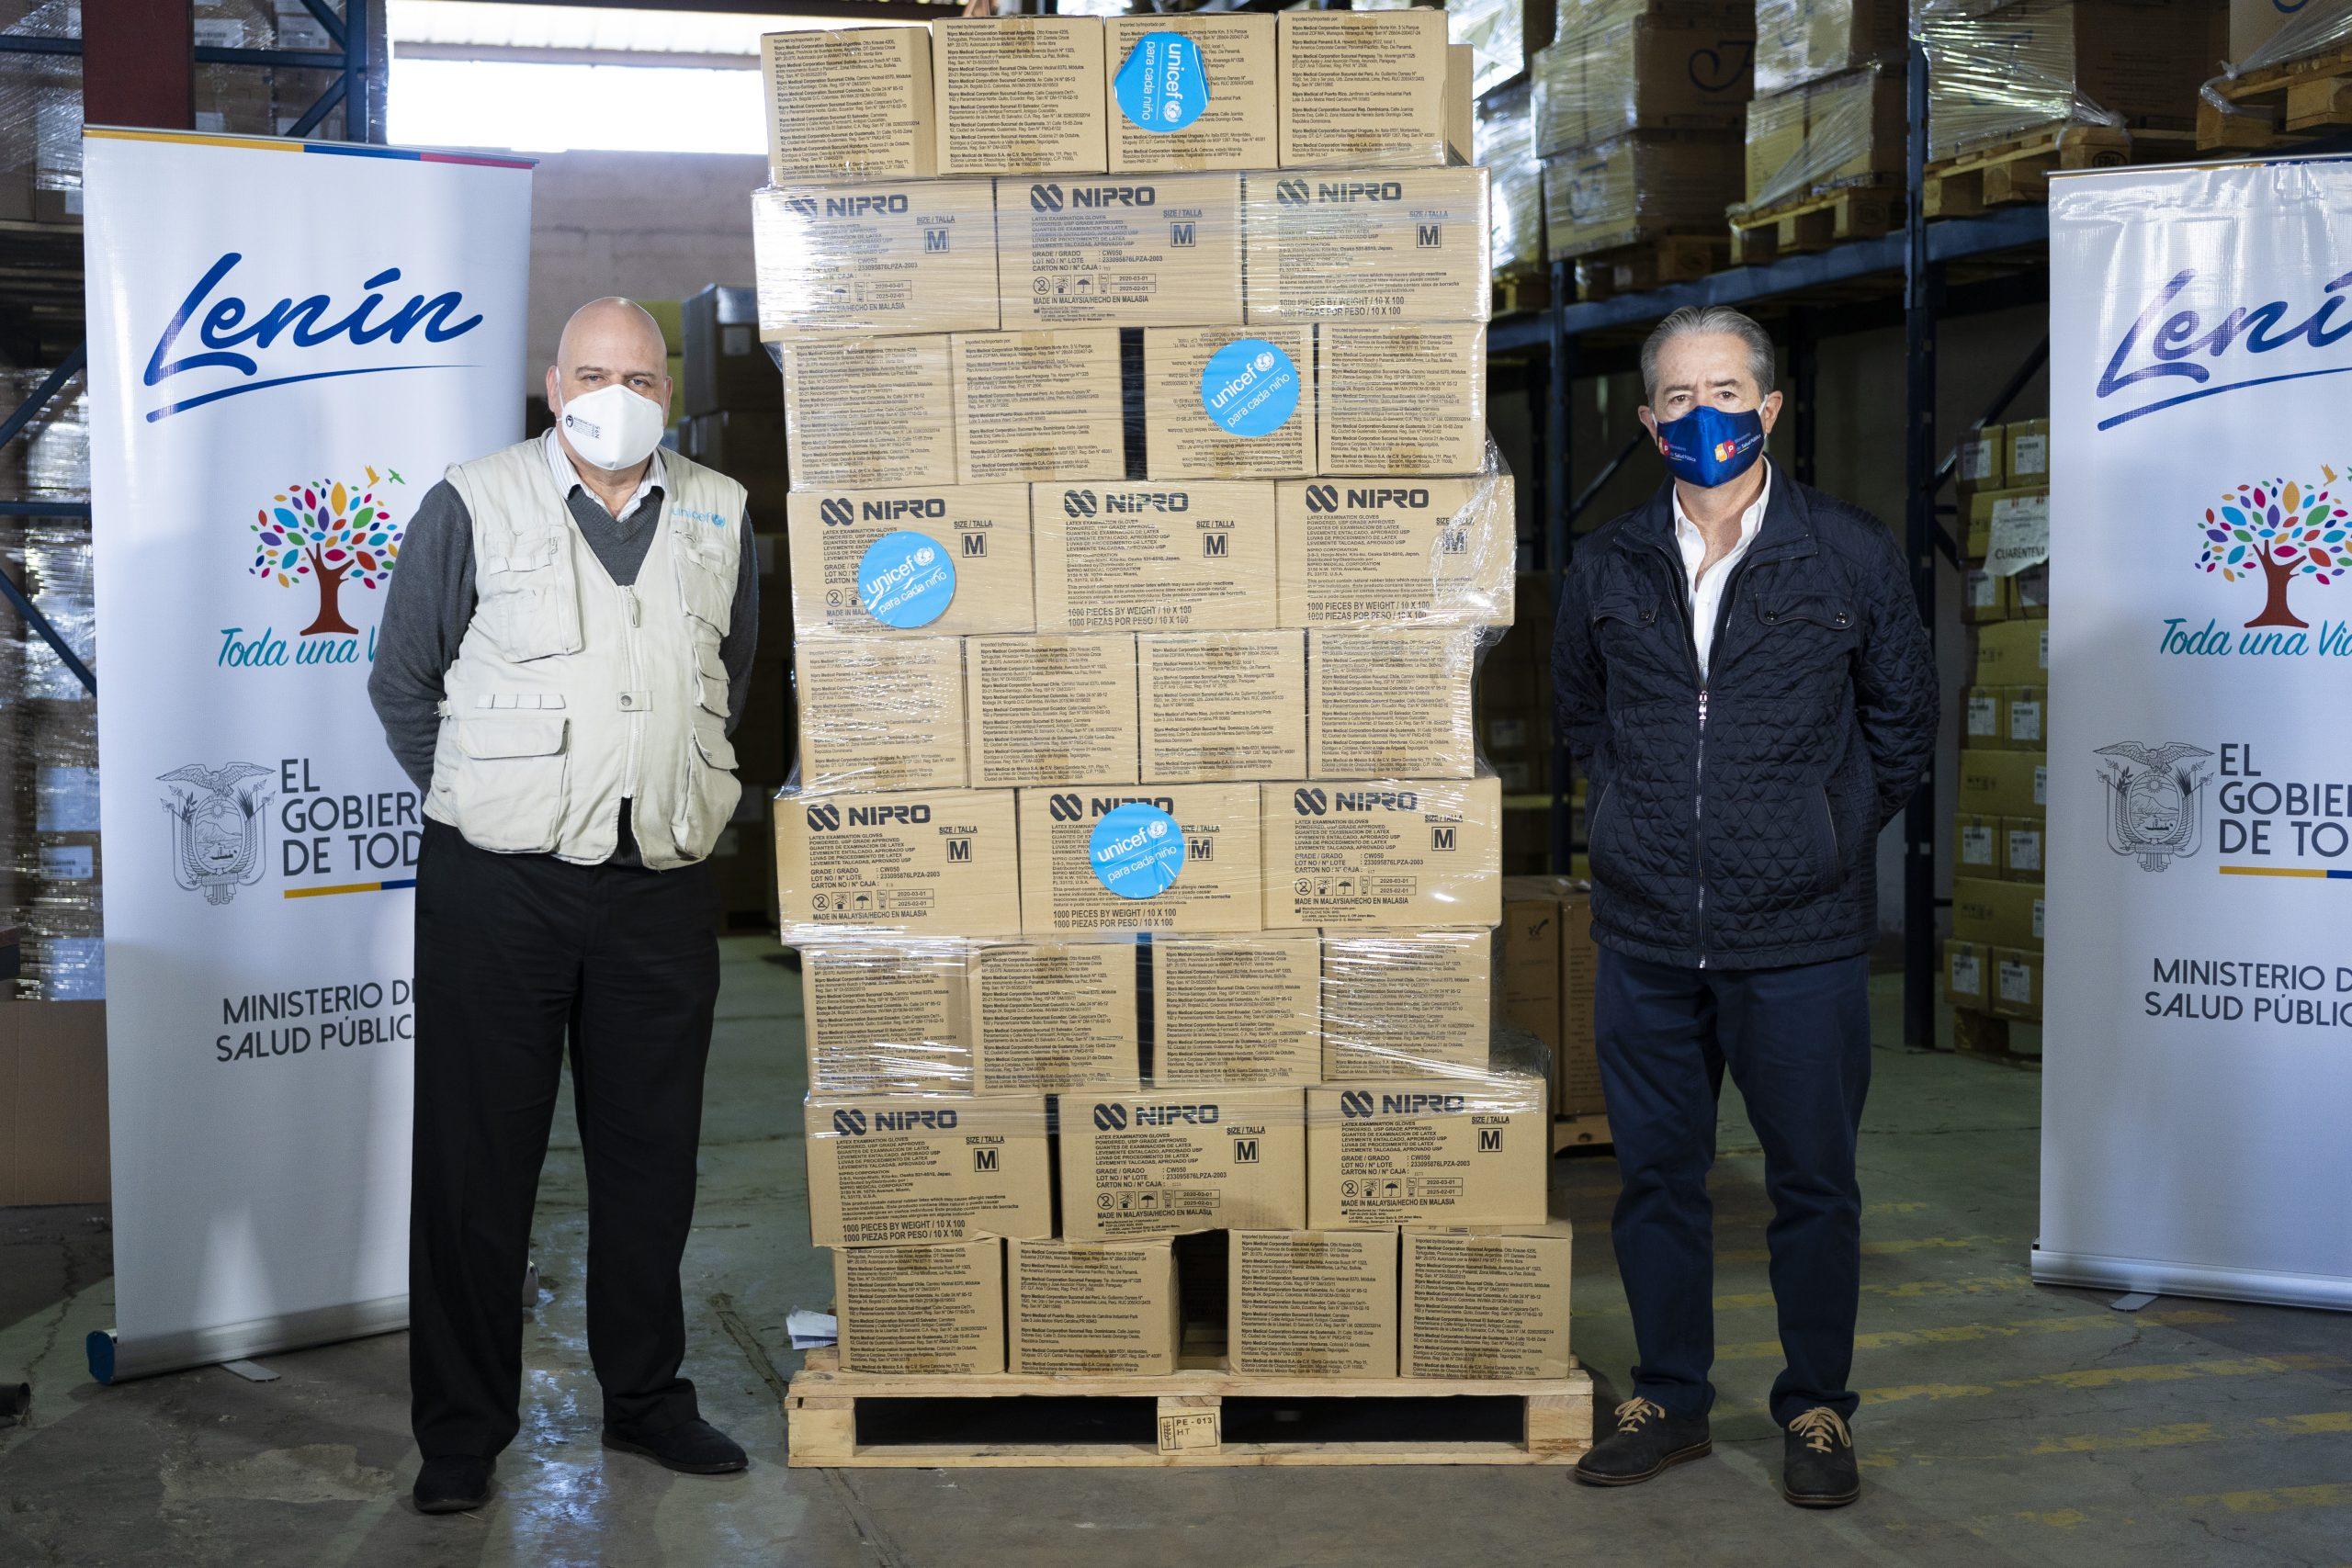 UNICEF entrega insumos médicos para apoyar a profesionales de salud y pacientes en la emergencia